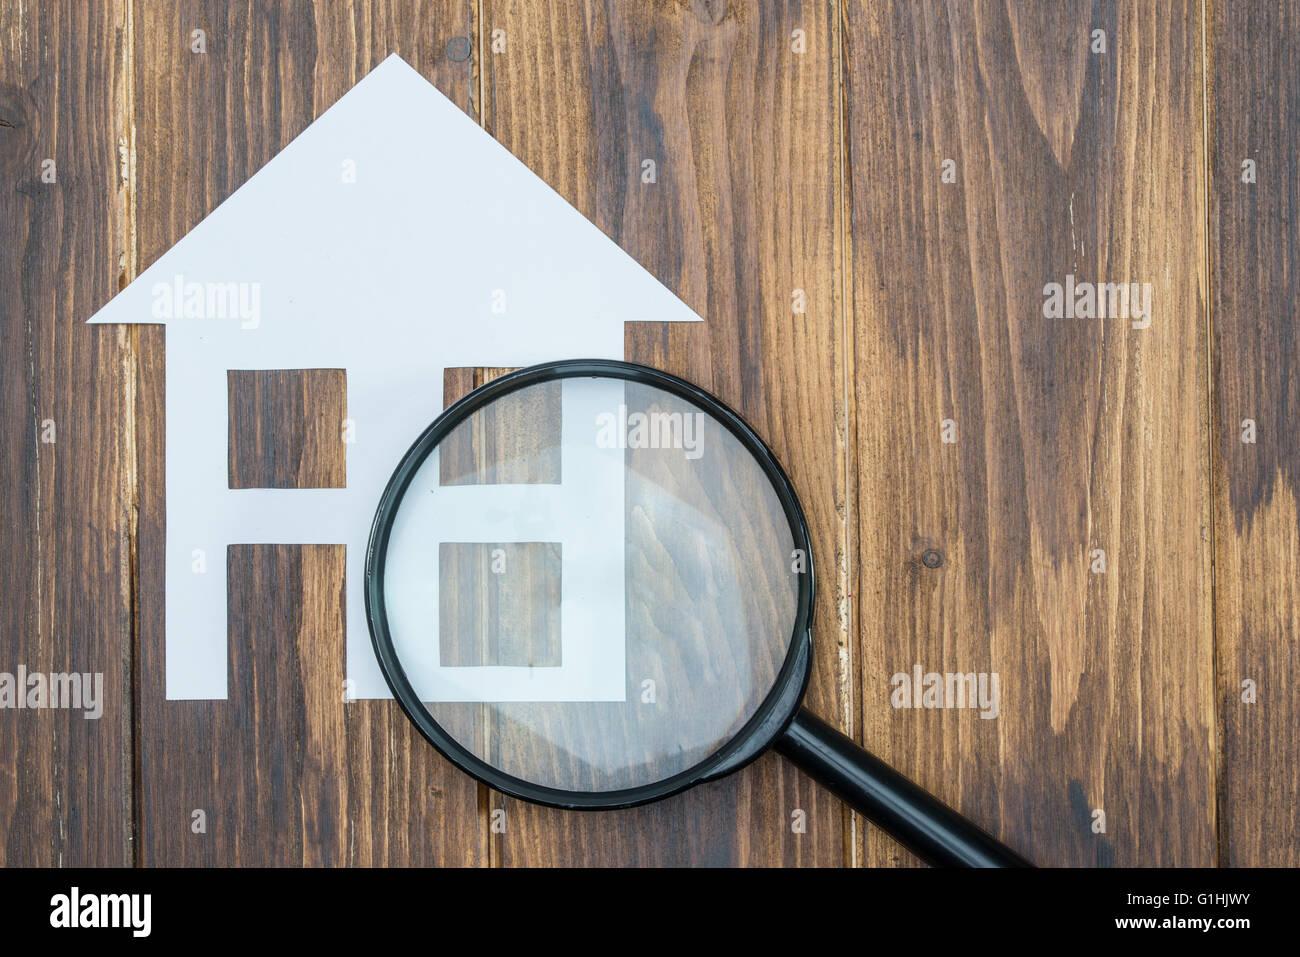 Haus Mit Lupe Papier Wohnungssuche Auf Hölzernen Hintergrund